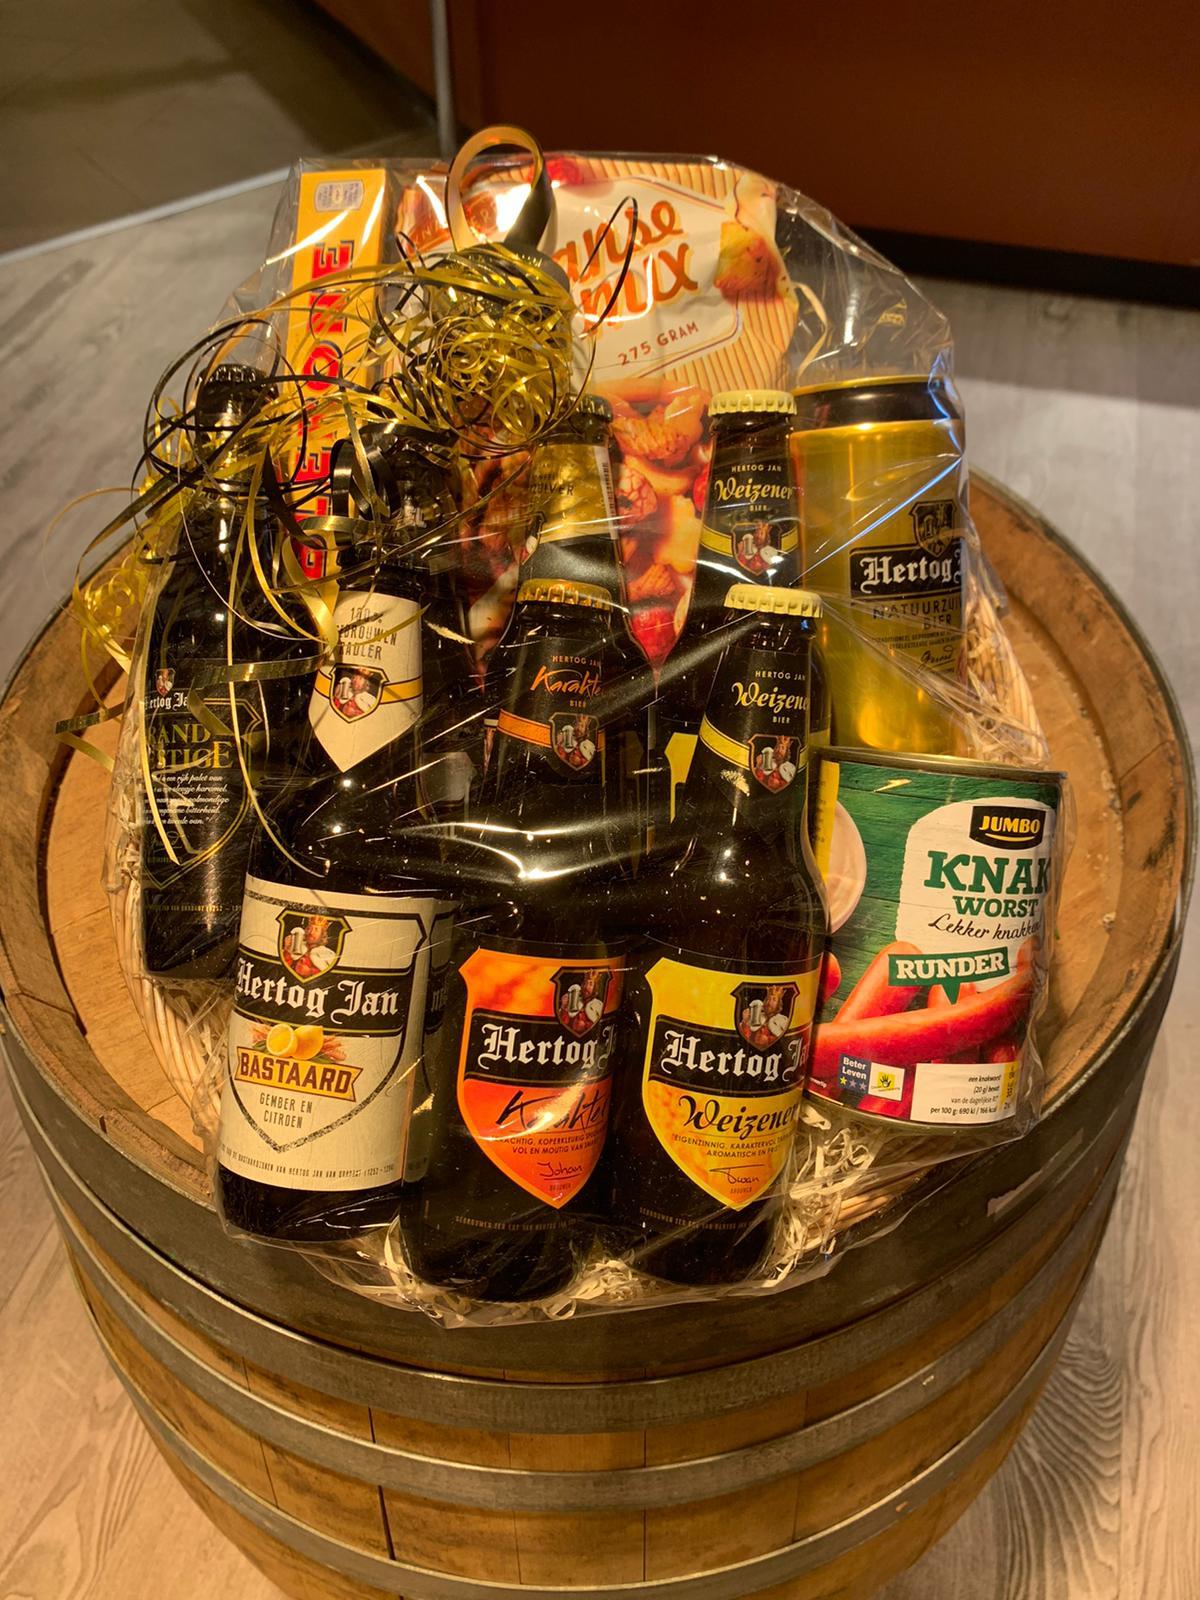 Bierpakket Hertog Jan